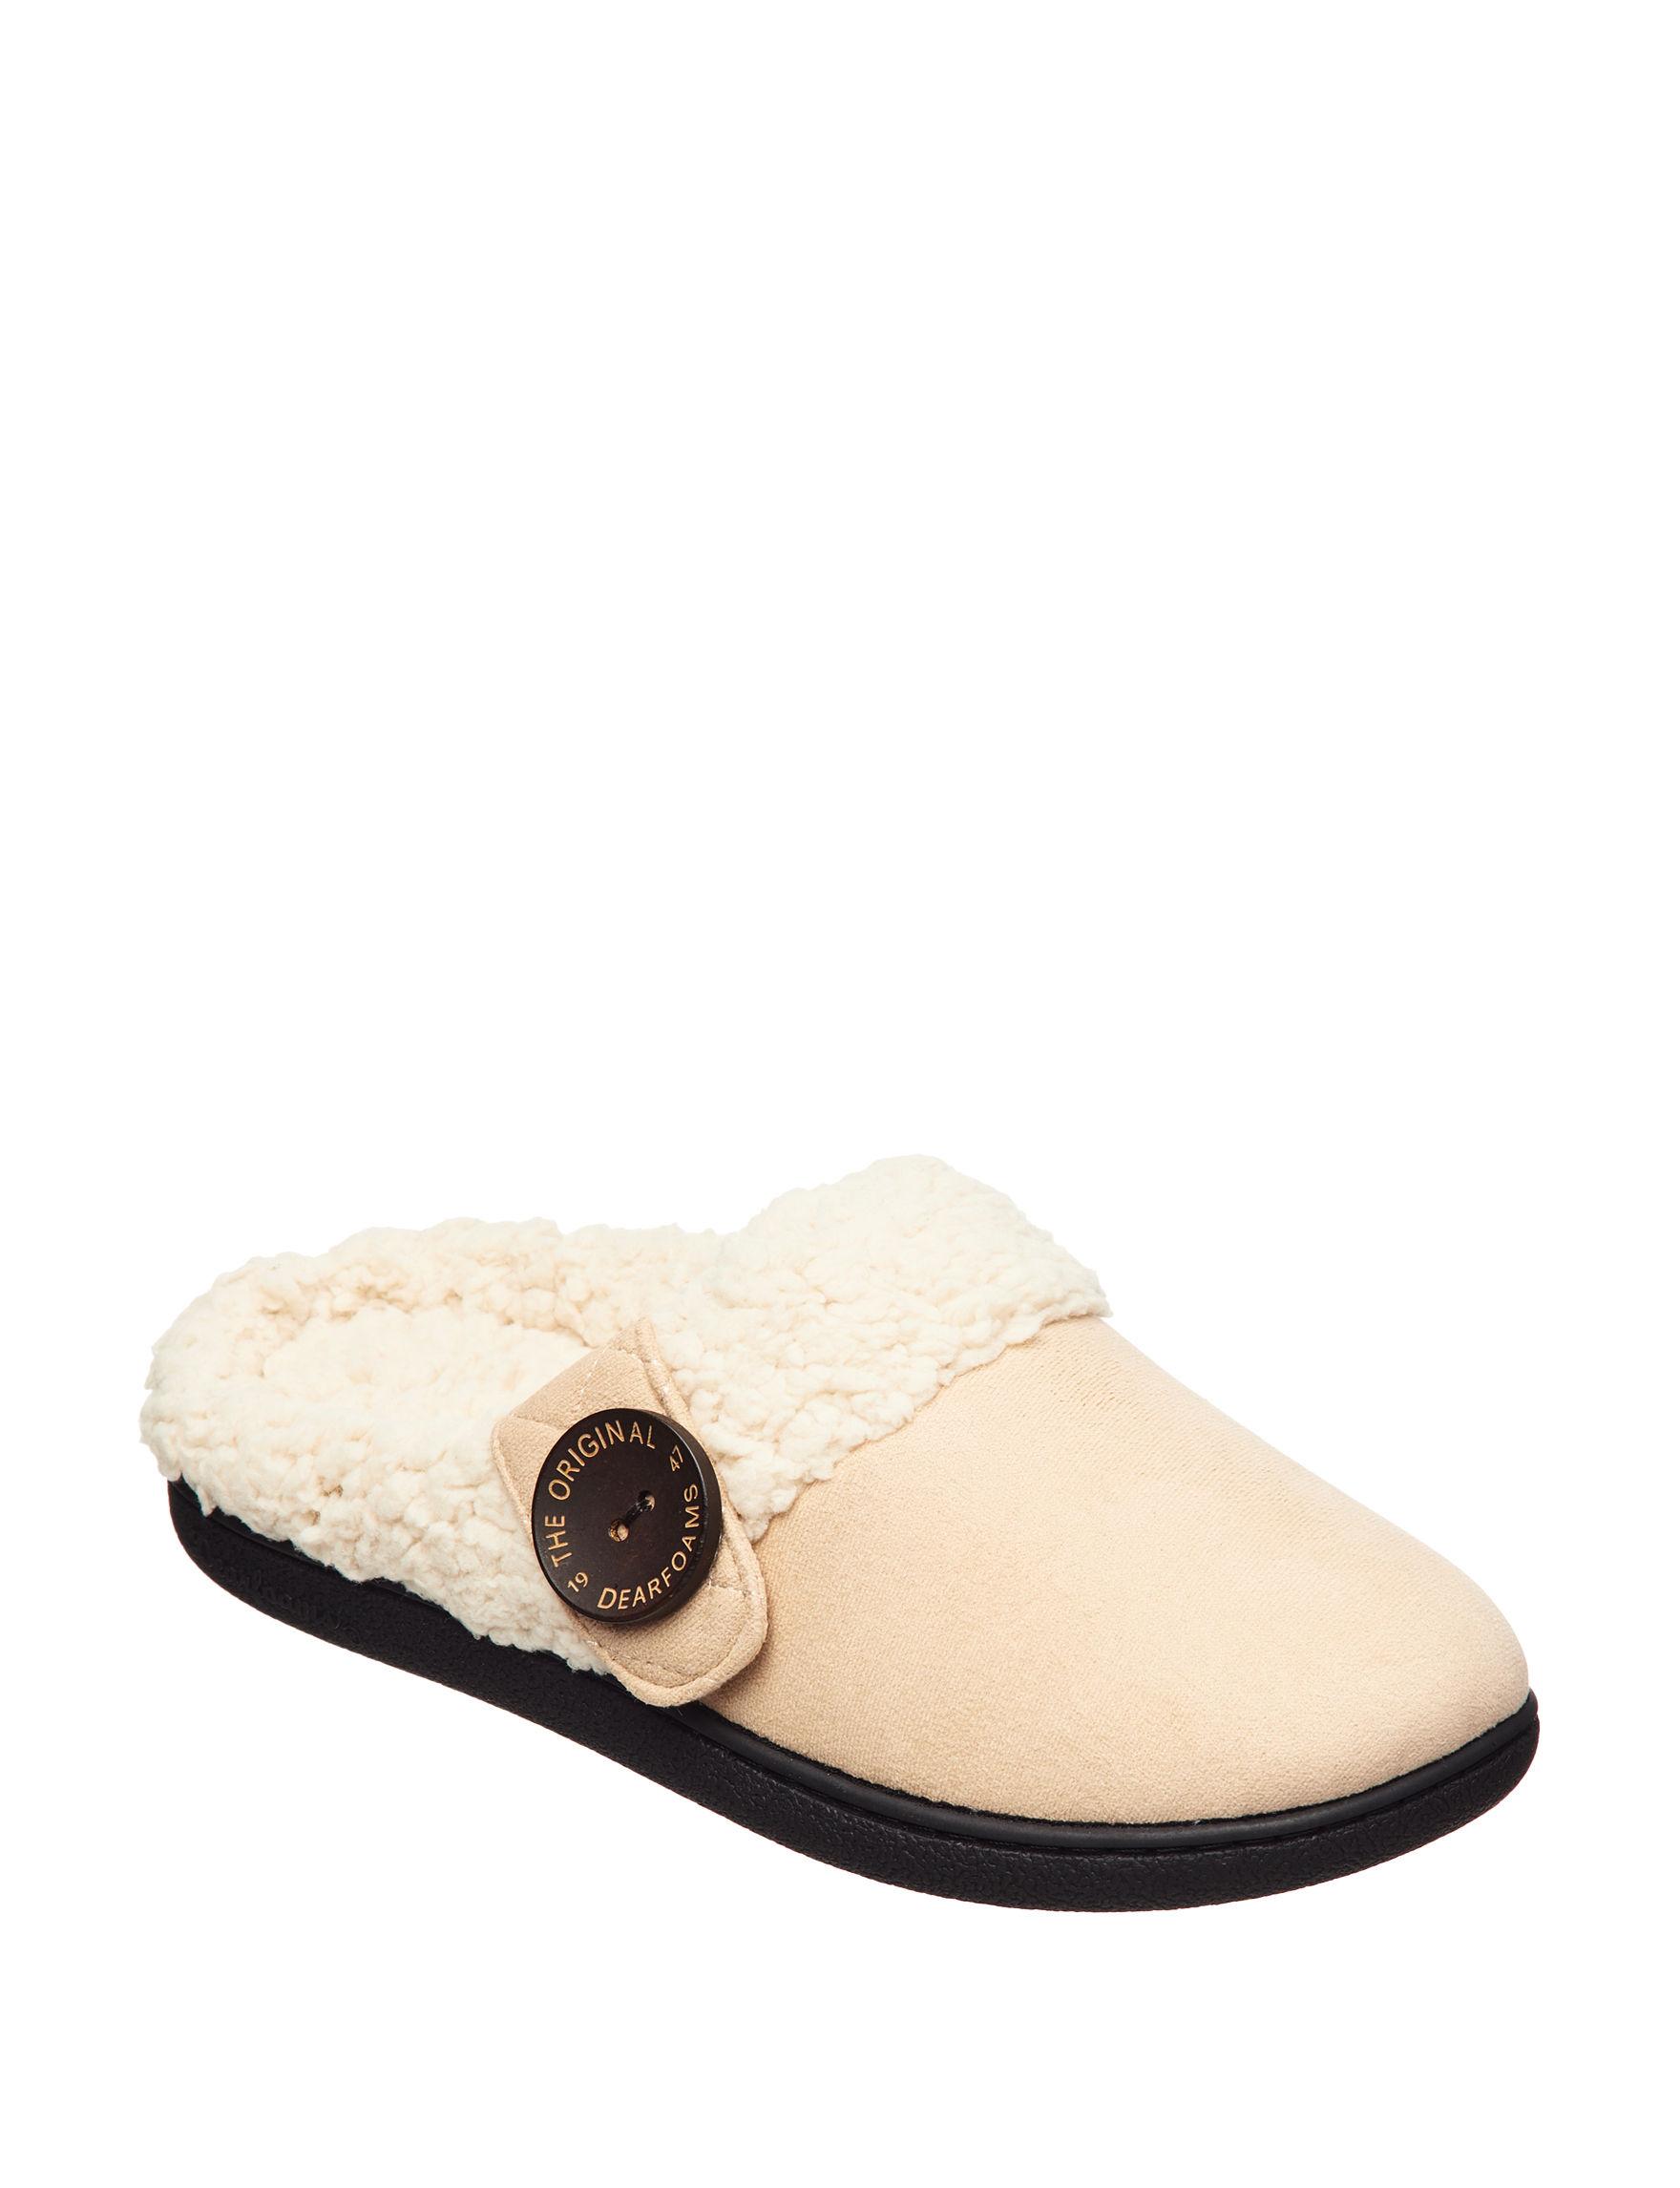 Dearfoams Medium Beige Slipper Shoes